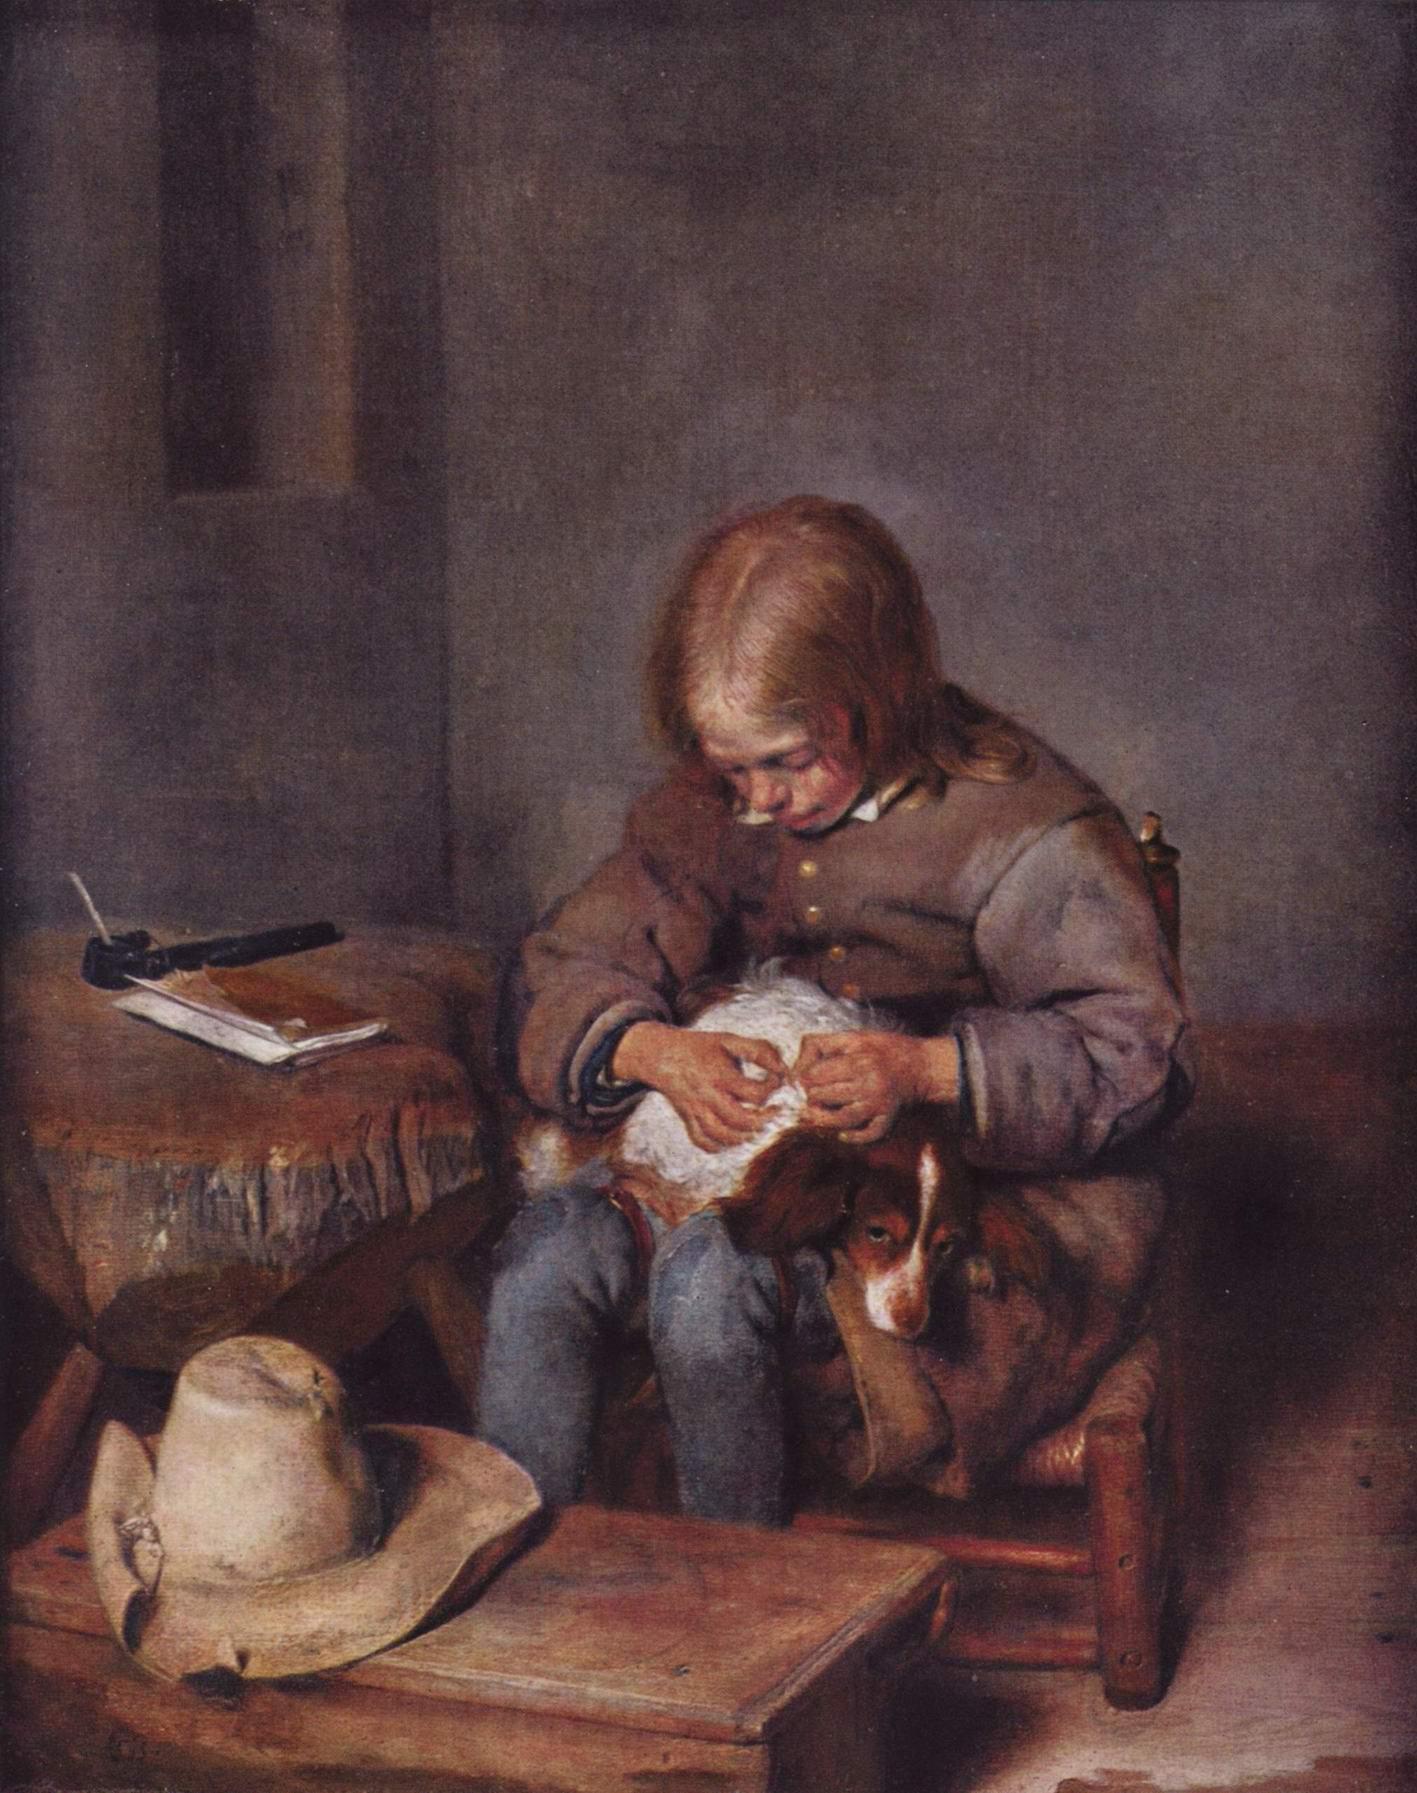 Мальчик ищет блох у своей собаки, Герард тер Борх Младший